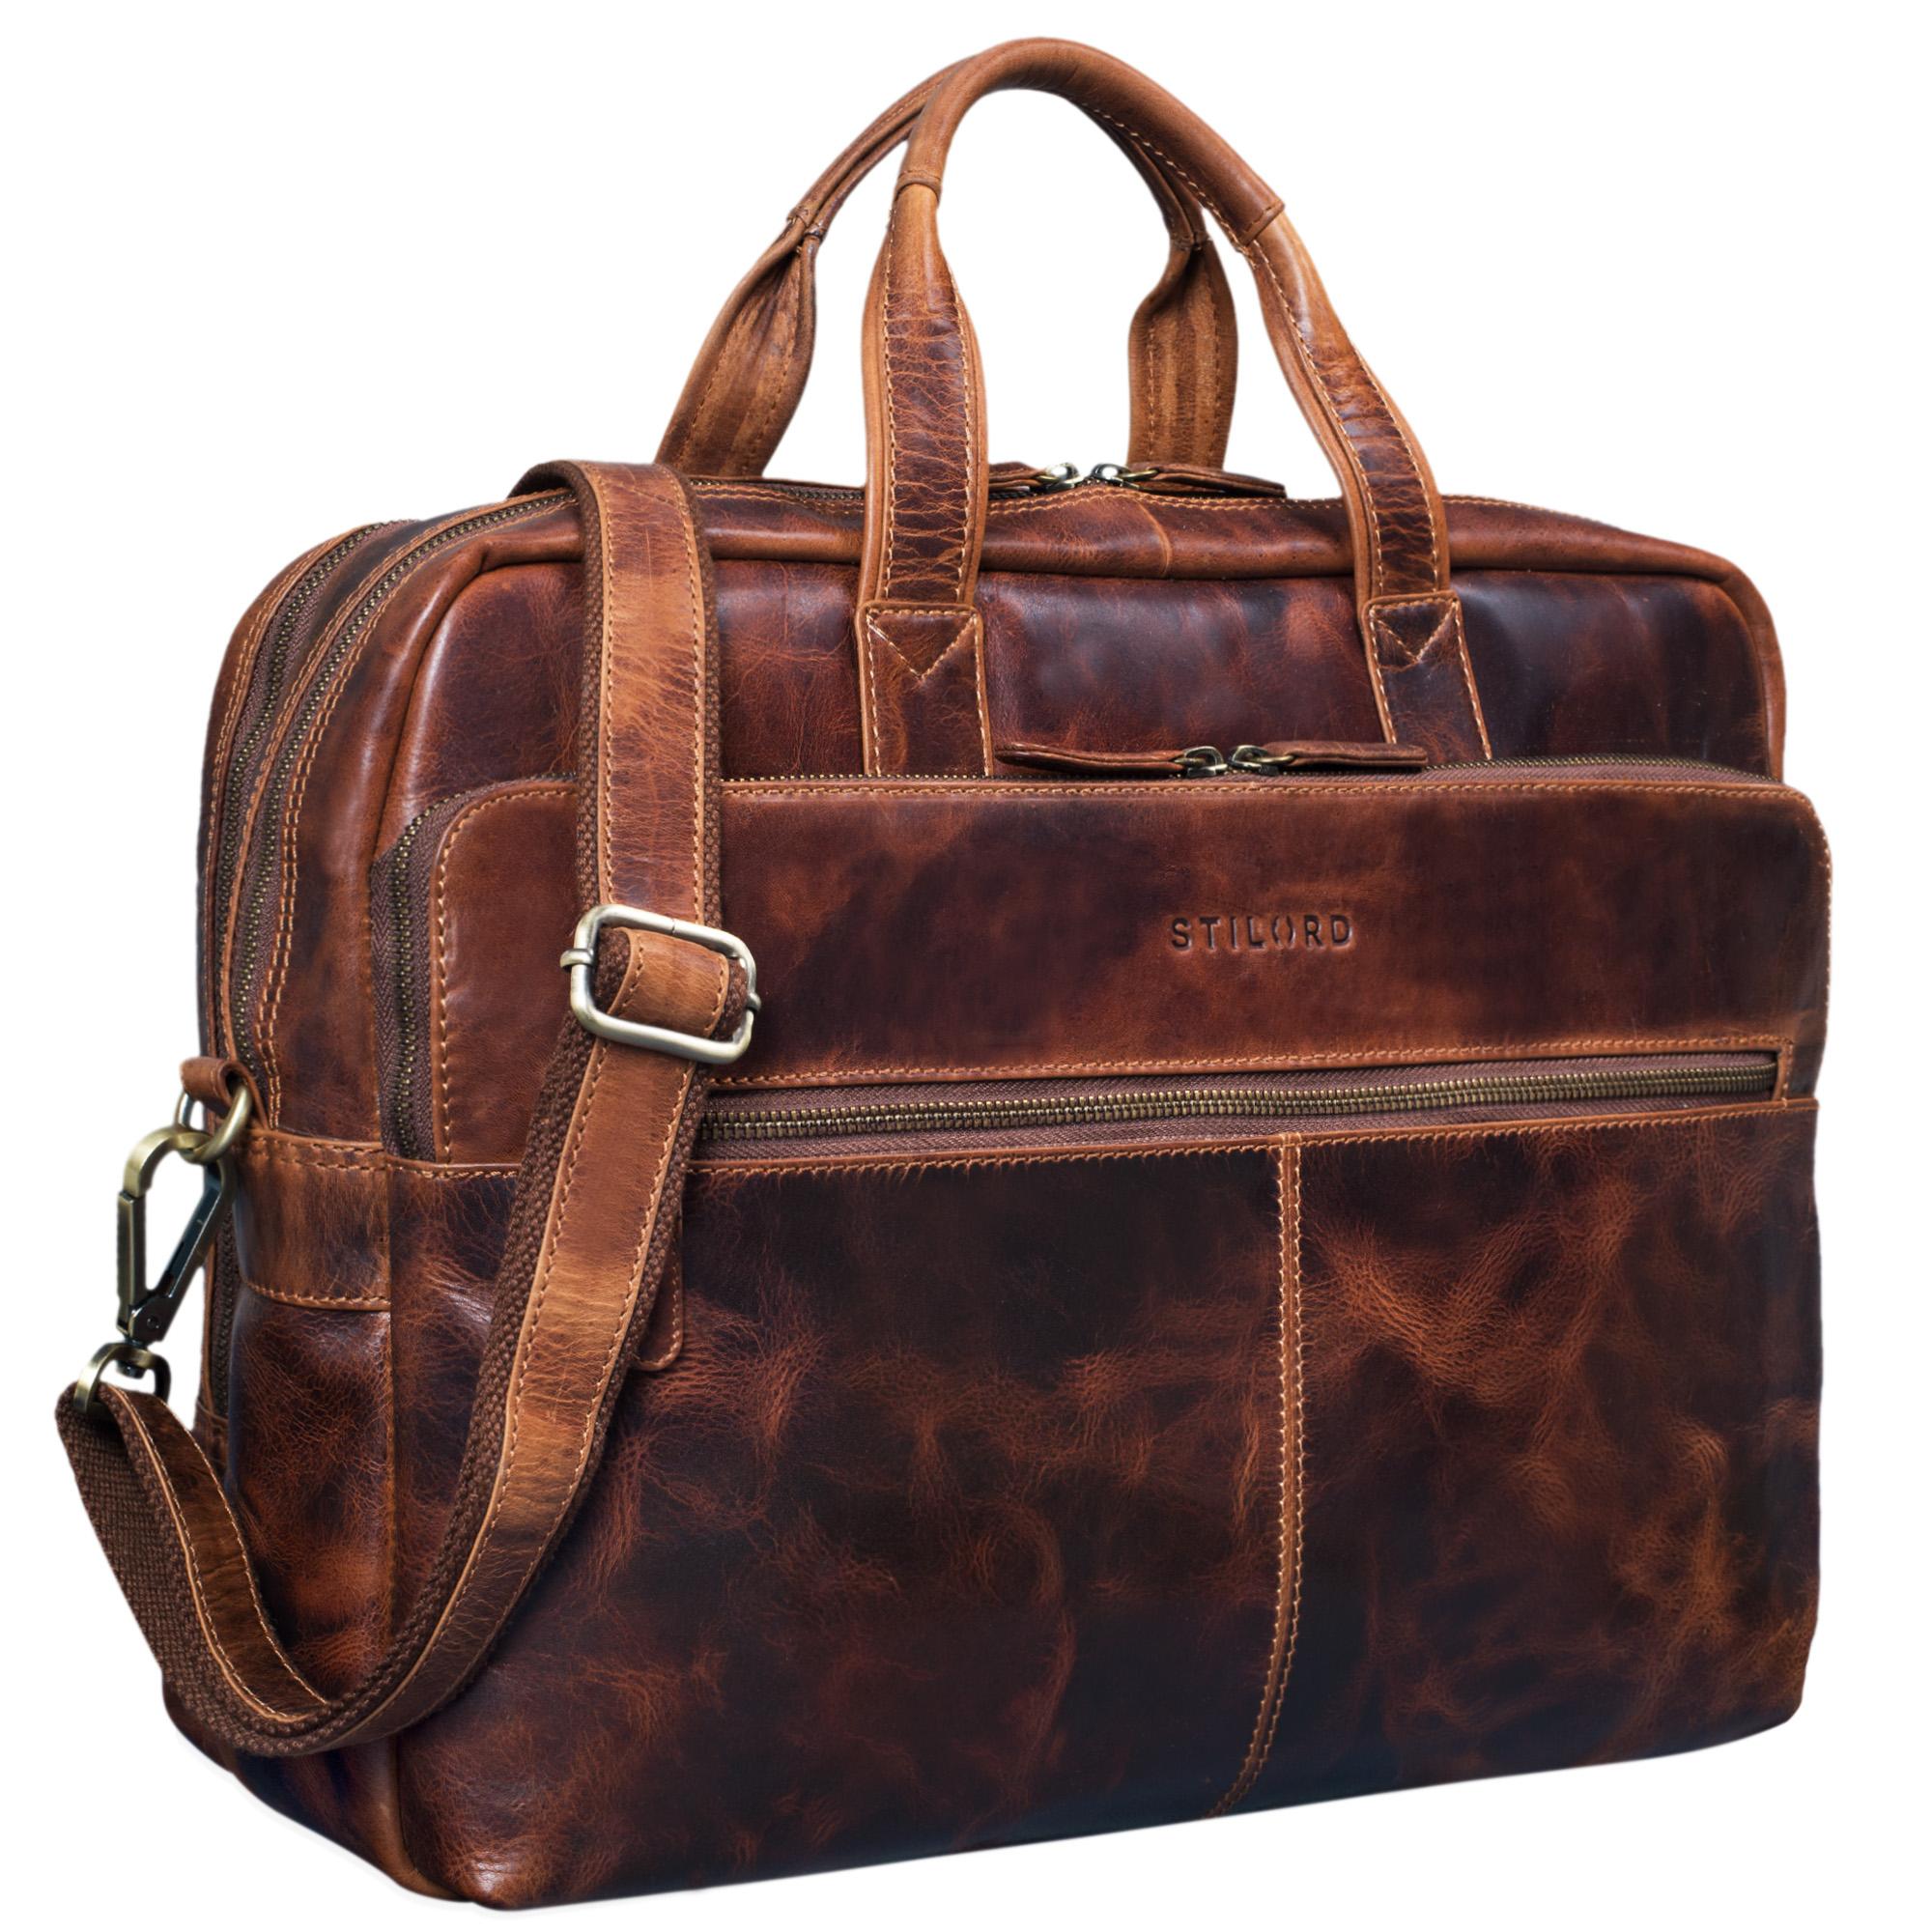 stilord william businesstasche leder gro xl lehrertasche aktentasche 15 6 zoll laptoptasche. Black Bedroom Furniture Sets. Home Design Ideas